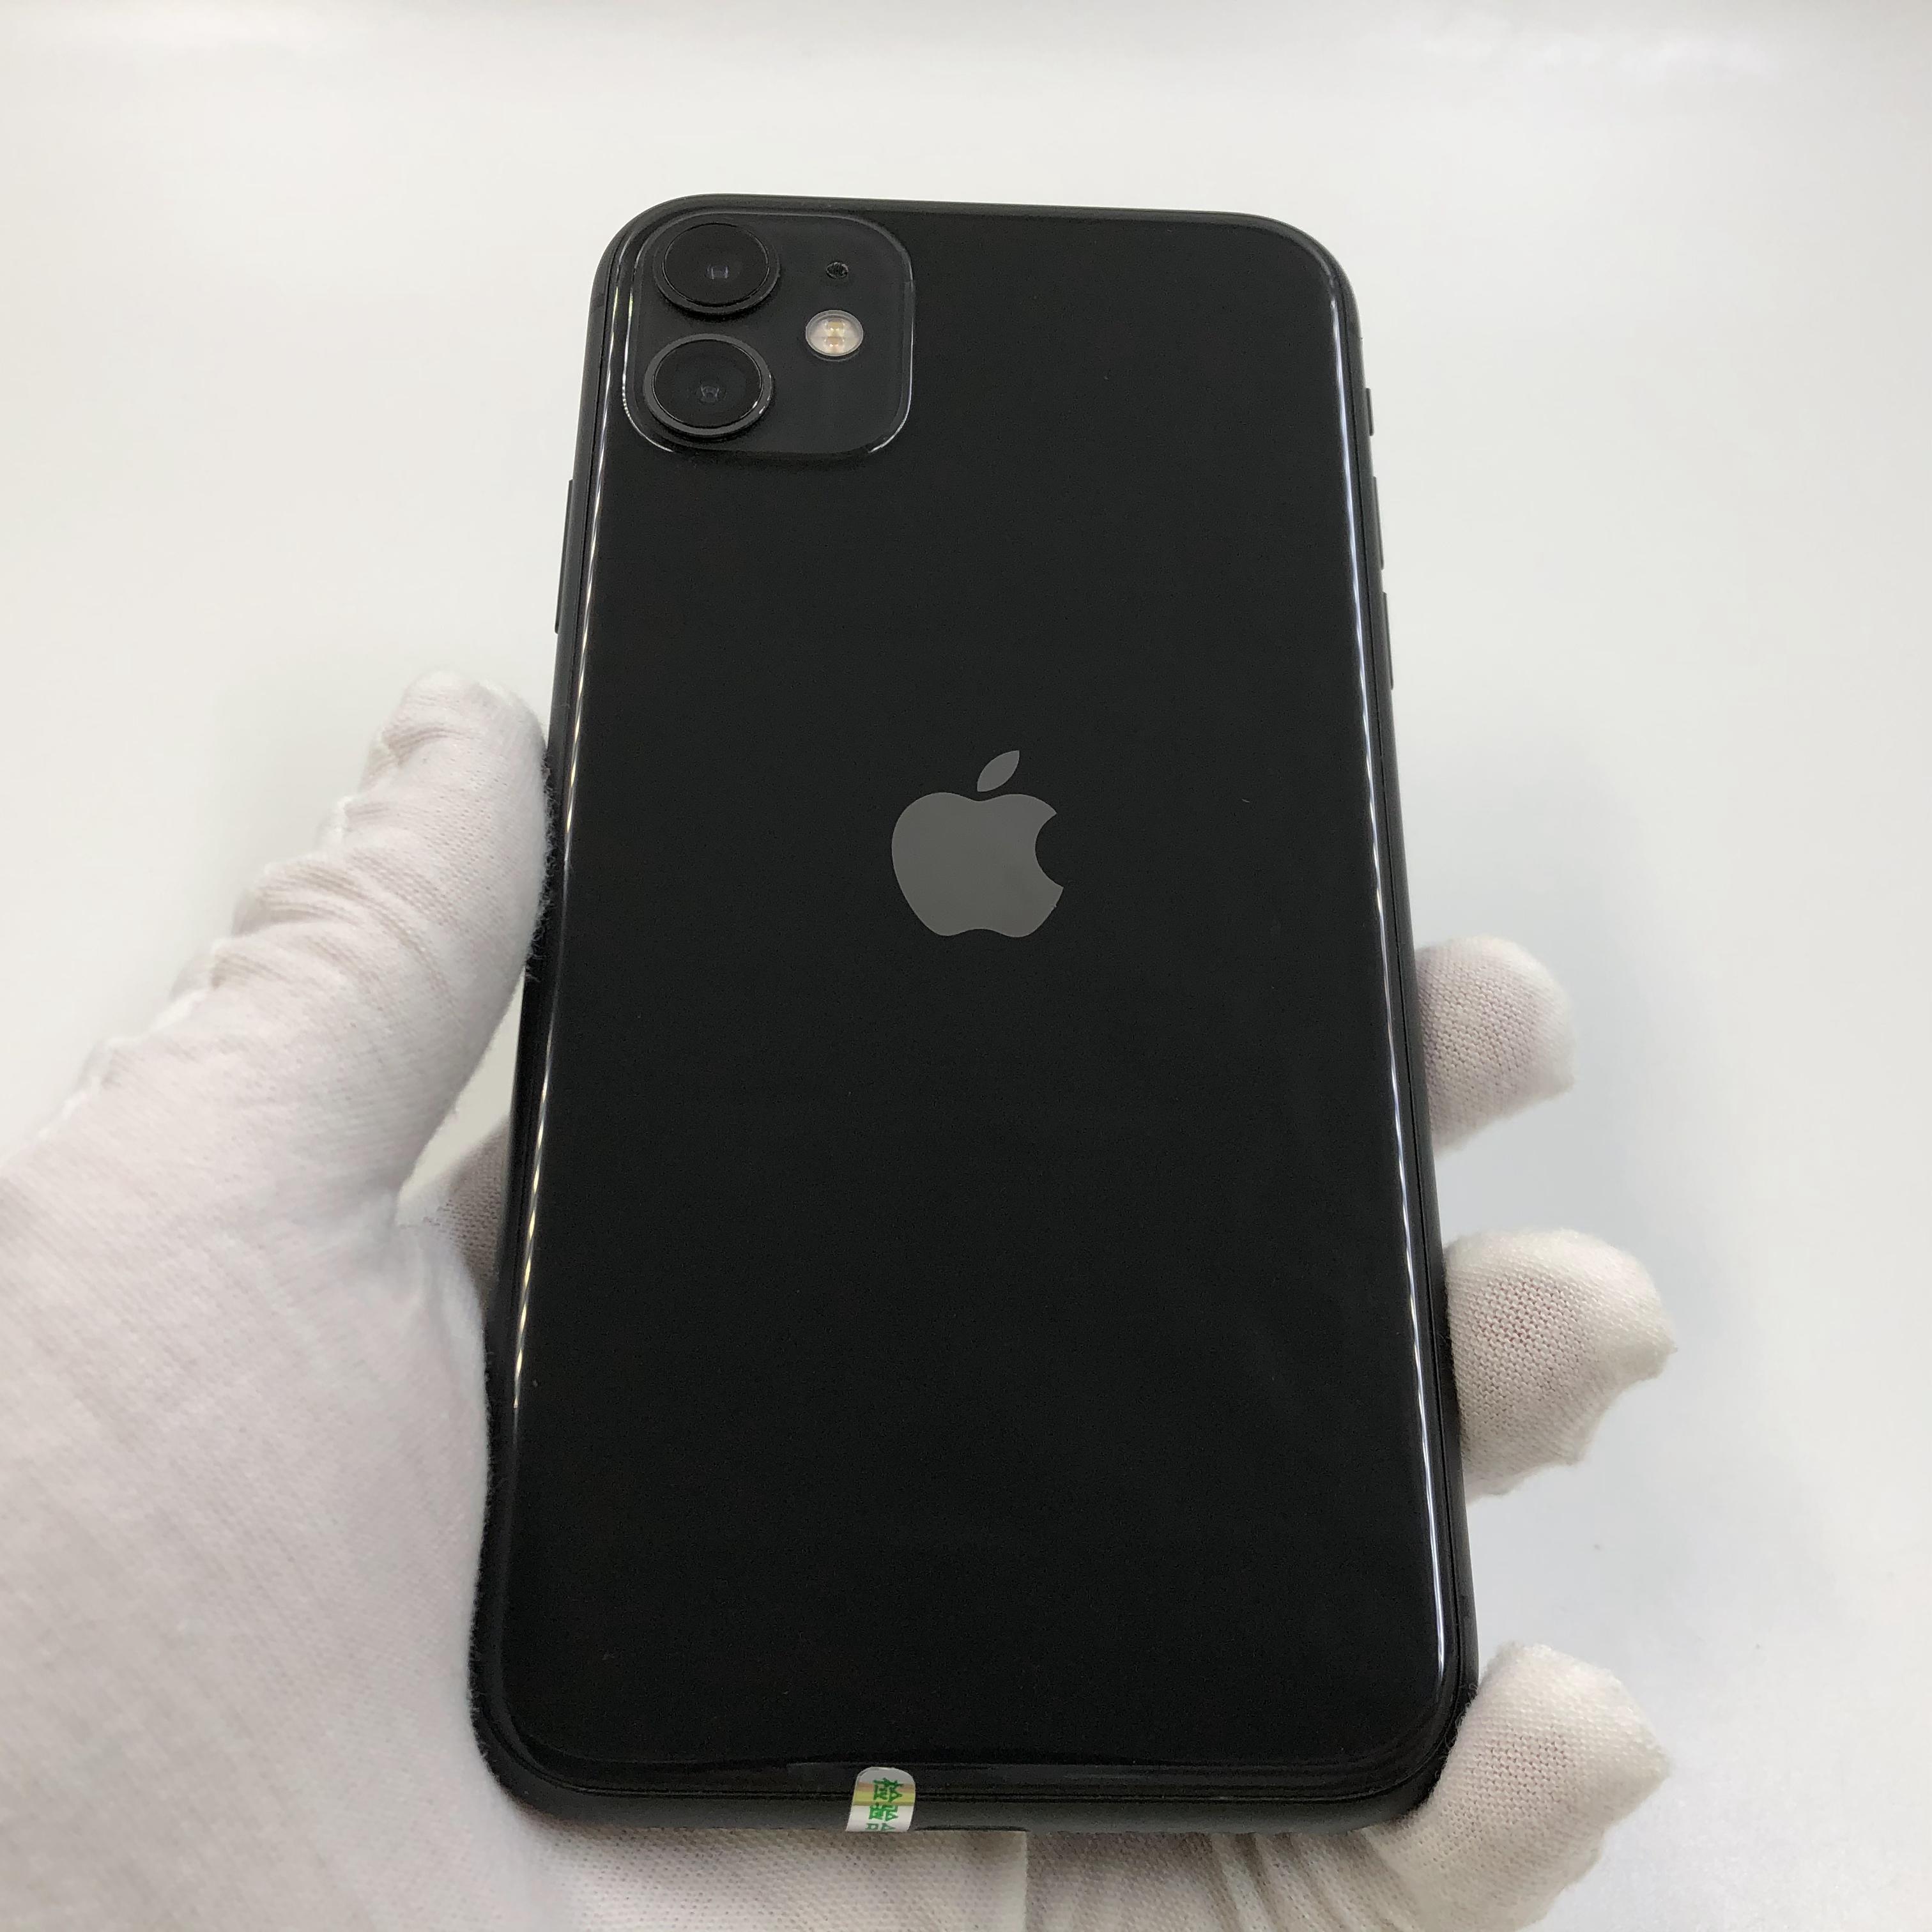 苹果【iPhone 11】4G全网通 黑色 256G 国行 9成新 真机实拍